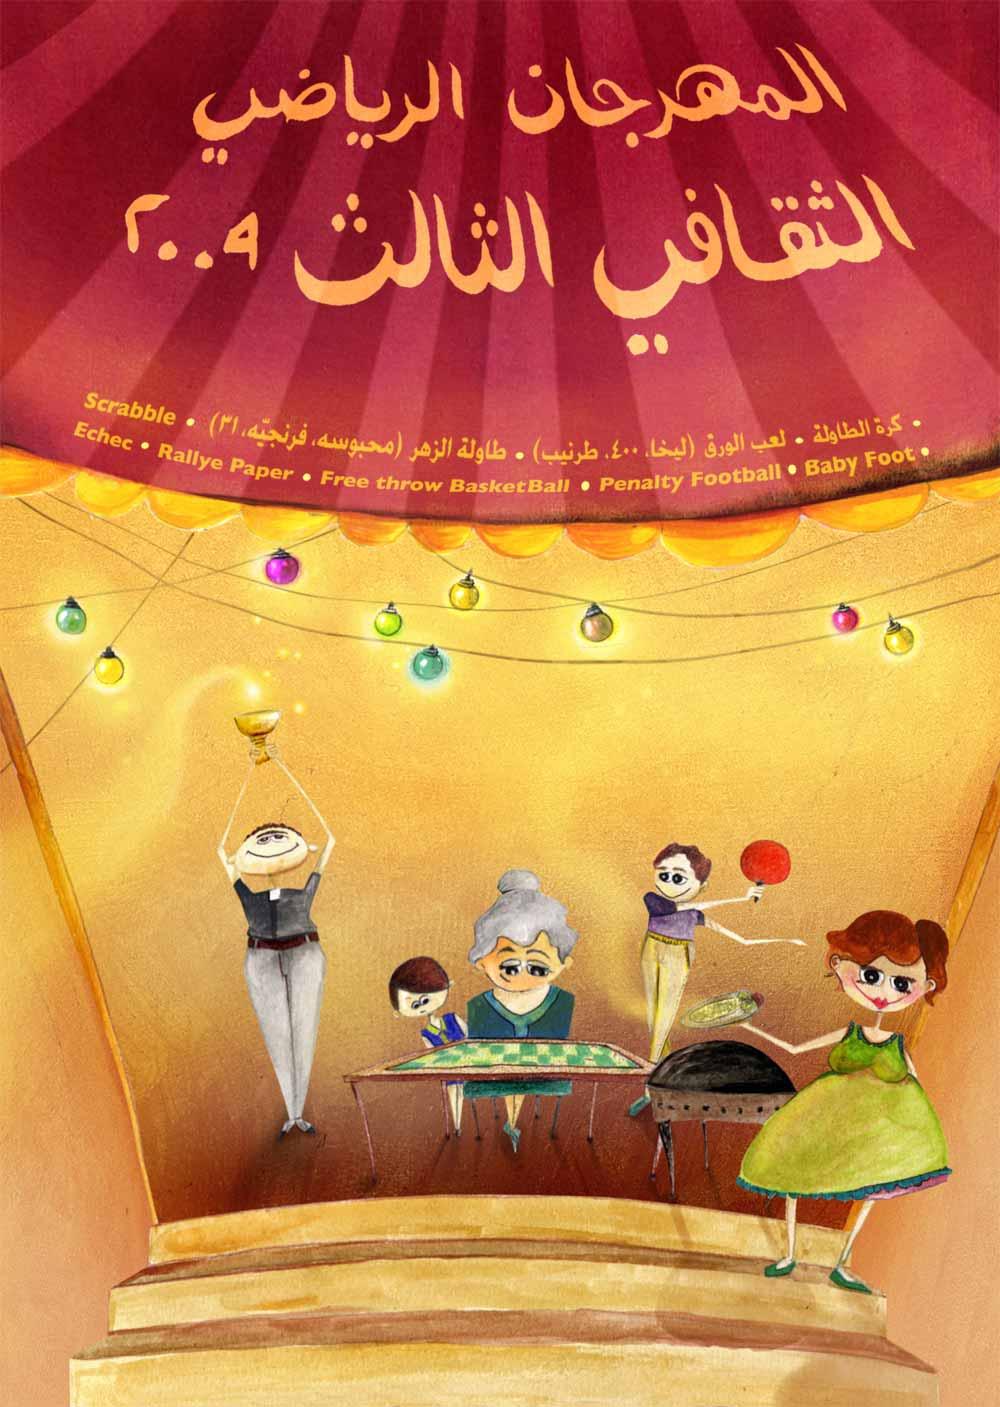 sheileh festival poster illustration by hanane kai